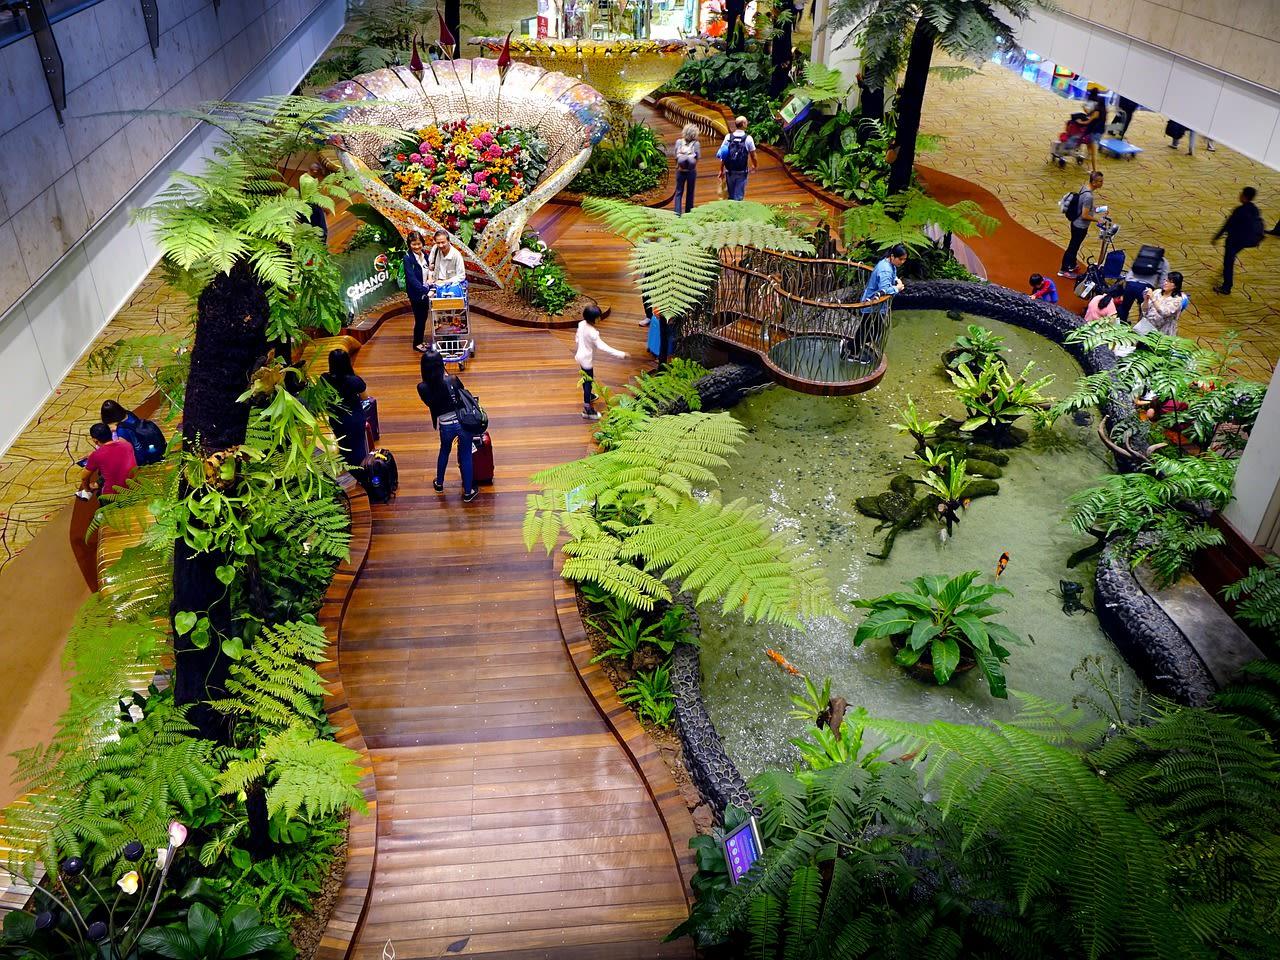 ngắm vườn bách thảo tại sân bay changi trong lịch trình du lịch singapore - malaysia cho gia đình